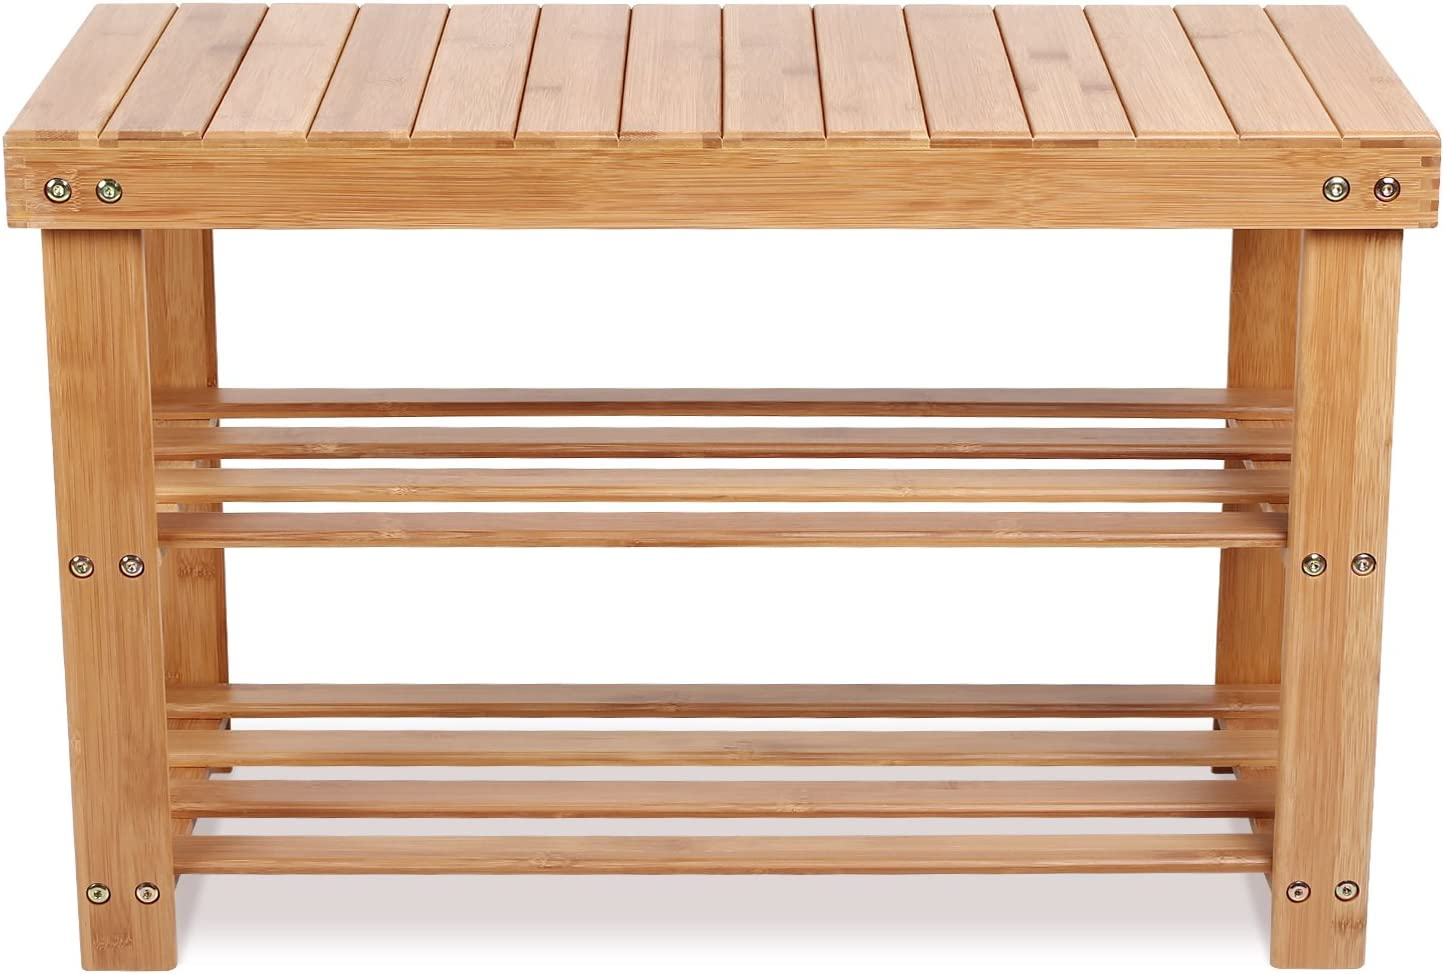 Homfa Banco Zapatero Bambú Estantería para Zapatos con 3 estantes para Entrada Salón Dormitorio Baño 70x28x45cm